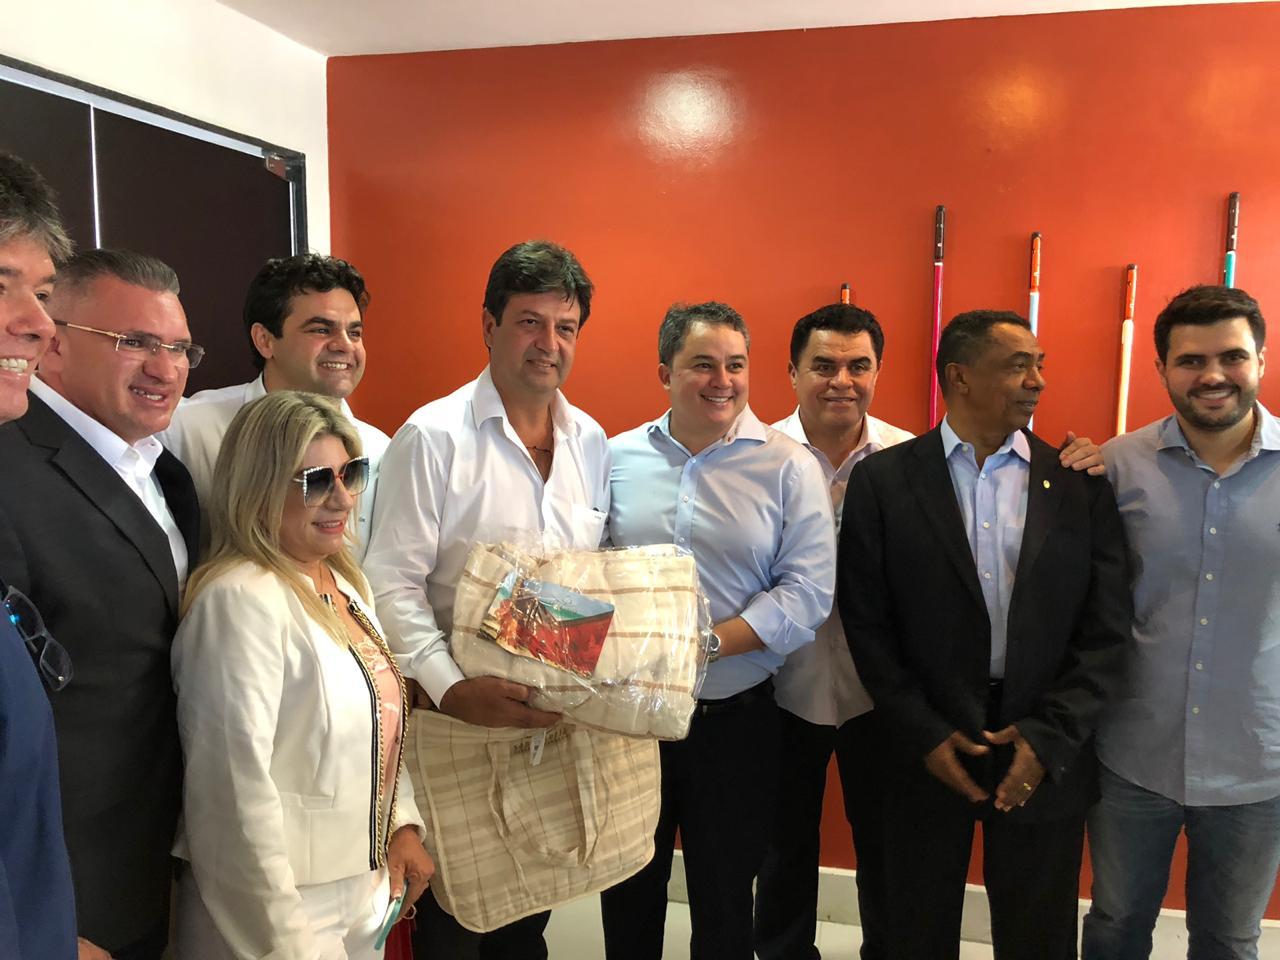 ca930078 ac46 4294 8050 4268798df8a4 - Na Paraíba, políticos recepcionam ministro da Saúde Luiz Henrique Mandetta